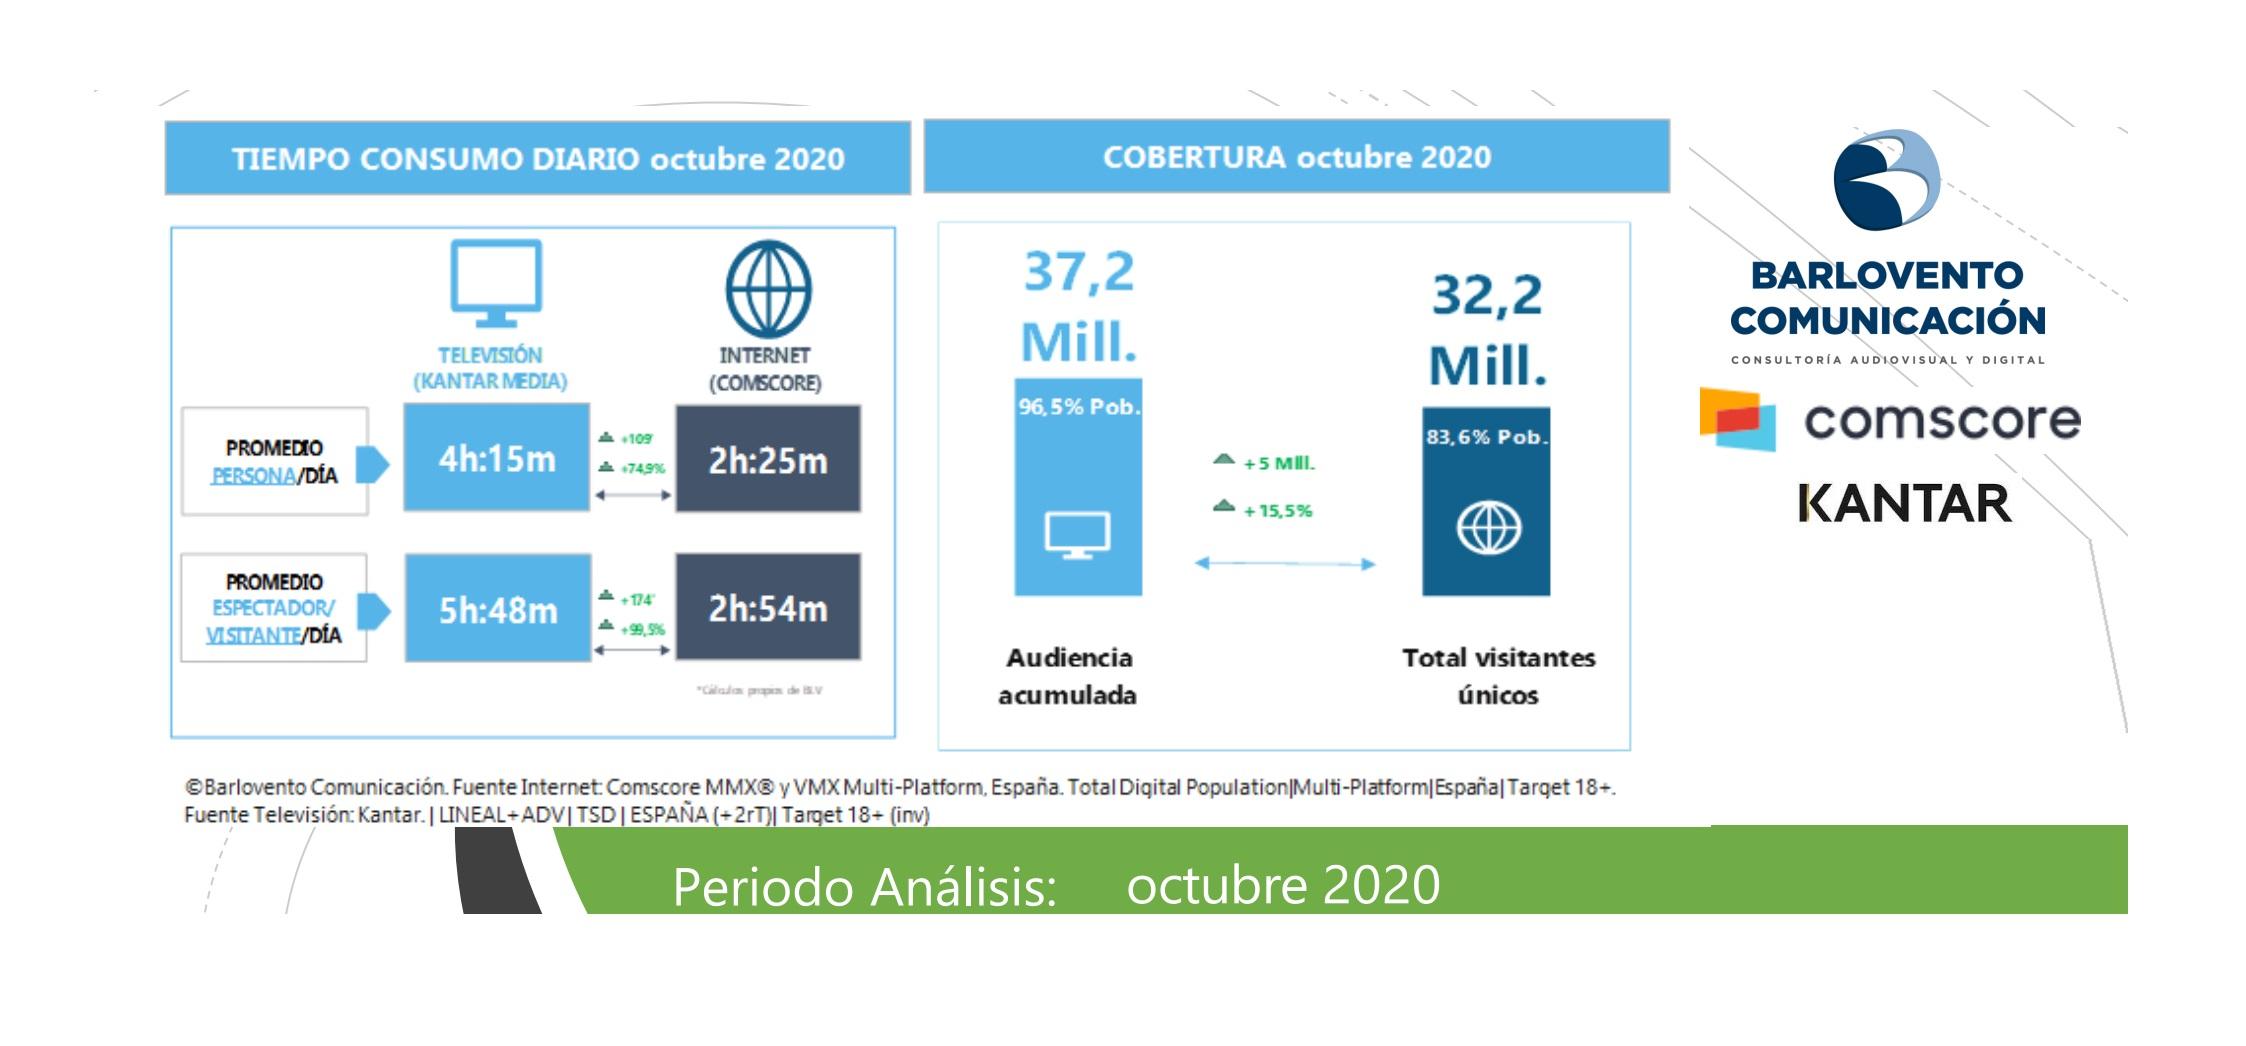 https://www.programapublicidad.com/wp-content/uploads/2020/11/Consumo-diario-Internet-Televisión-Octubre-2020-barloventoprogramapublicidad.jpg